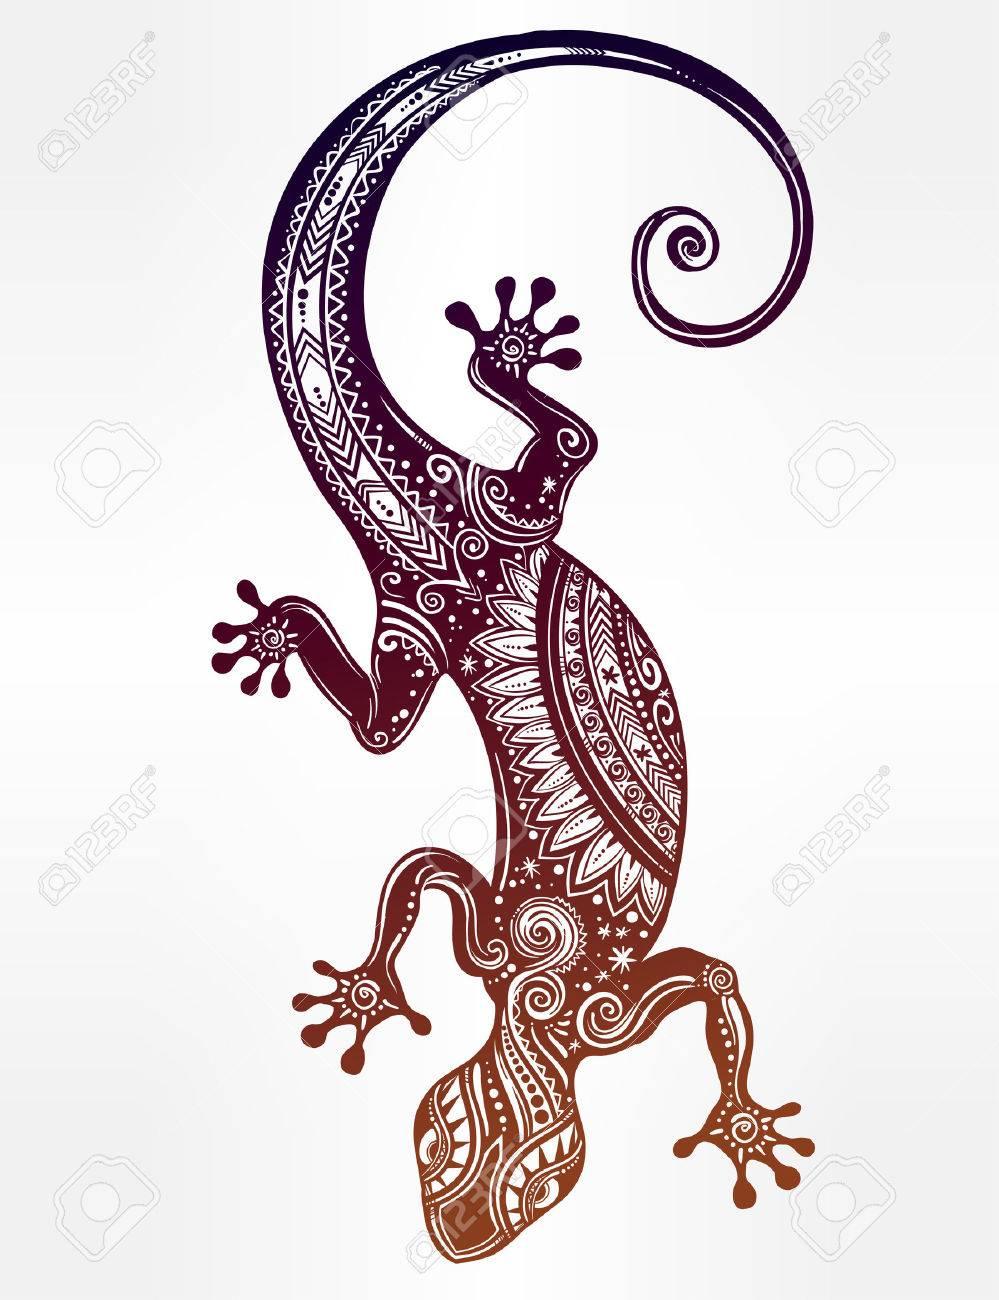 Aufwändige Gecko Eidechse In In Tattoo-Stil. Isolierte Vektor ...